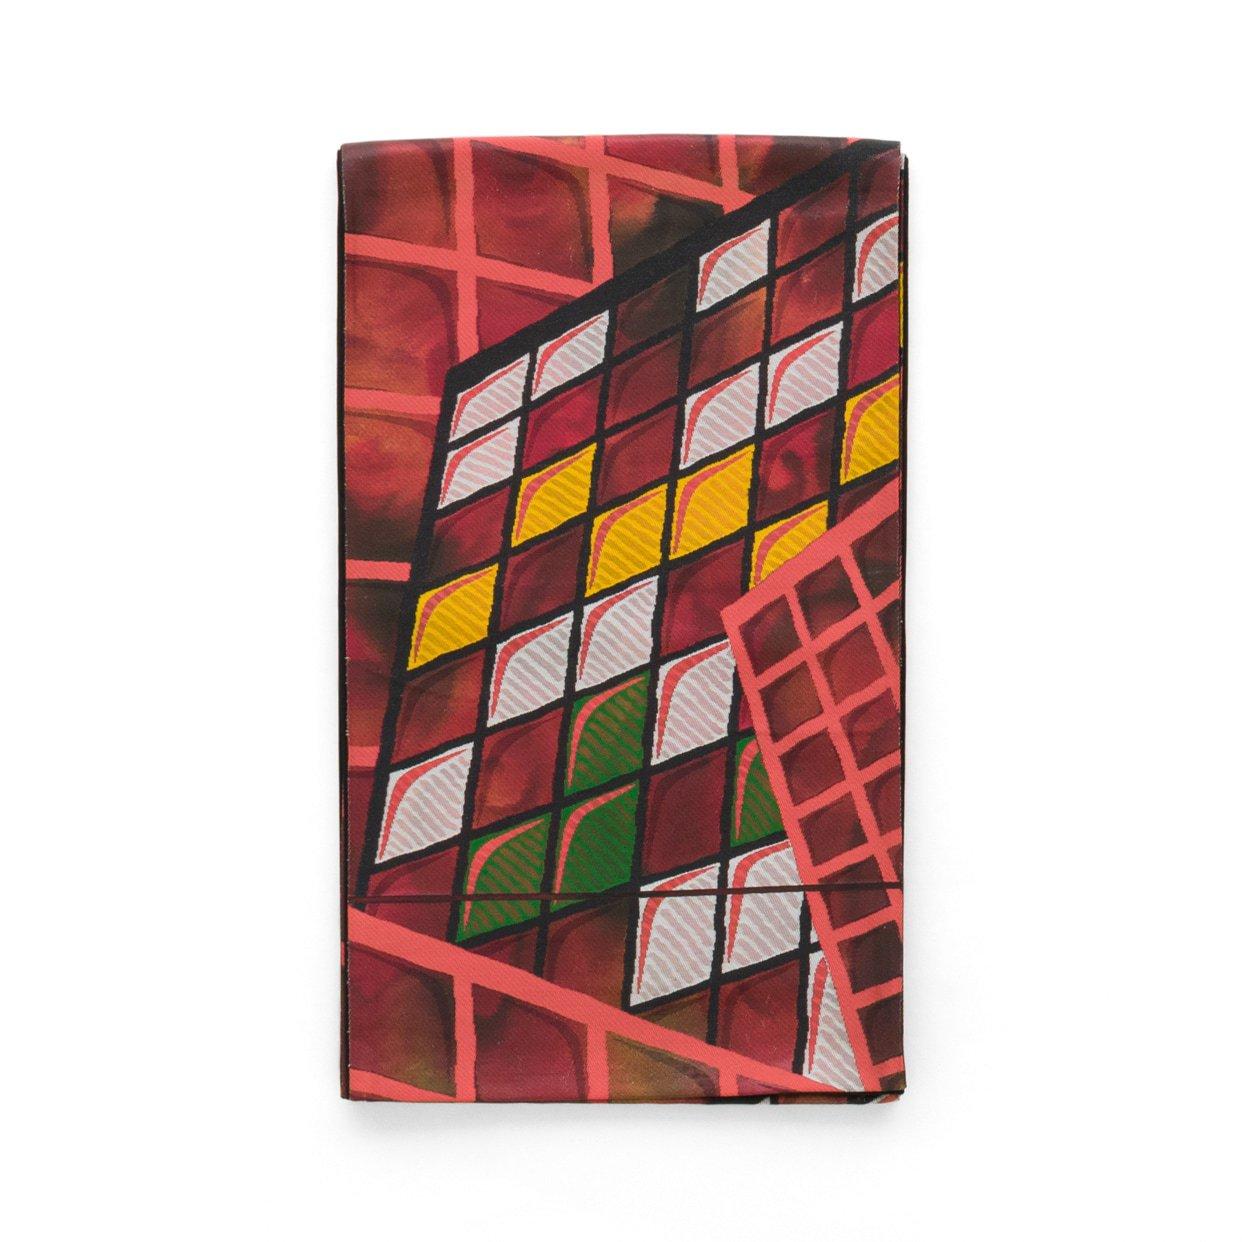 「洒落袋帯●ボードゲーム」の商品画像